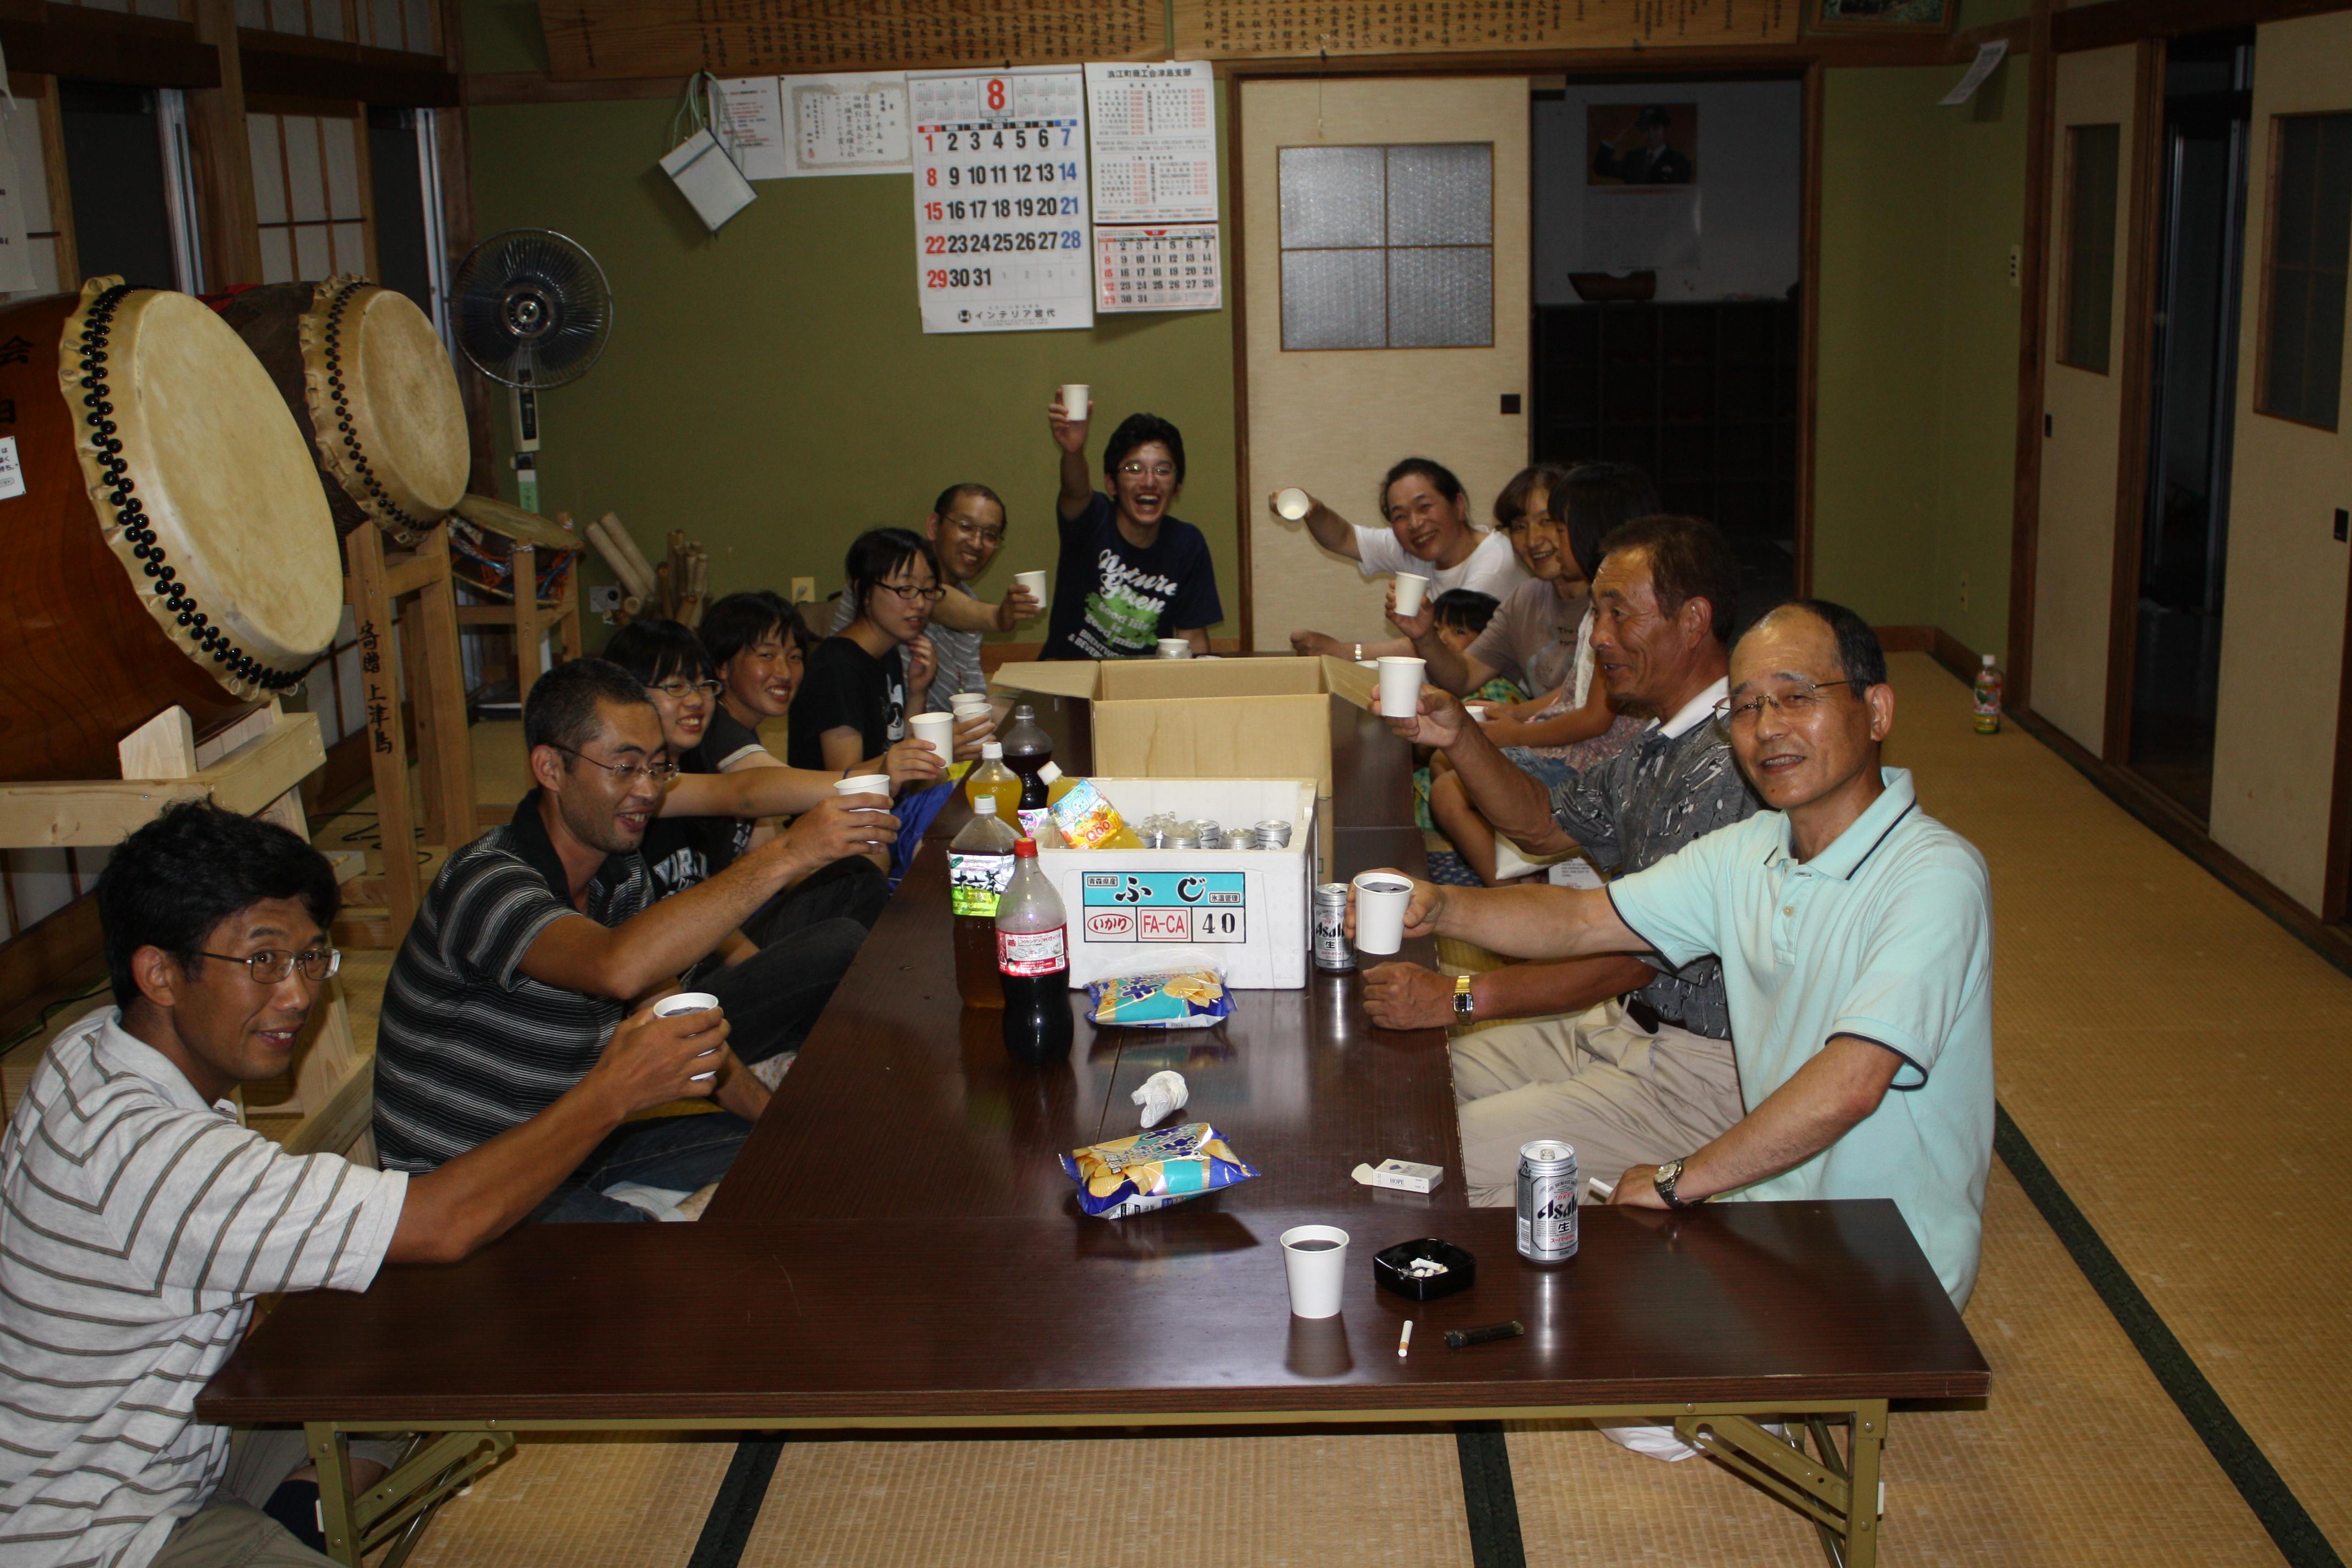 原発事故前の2010年8月10日、下津島地区集会場で若者と歓談する今野さん(右端)